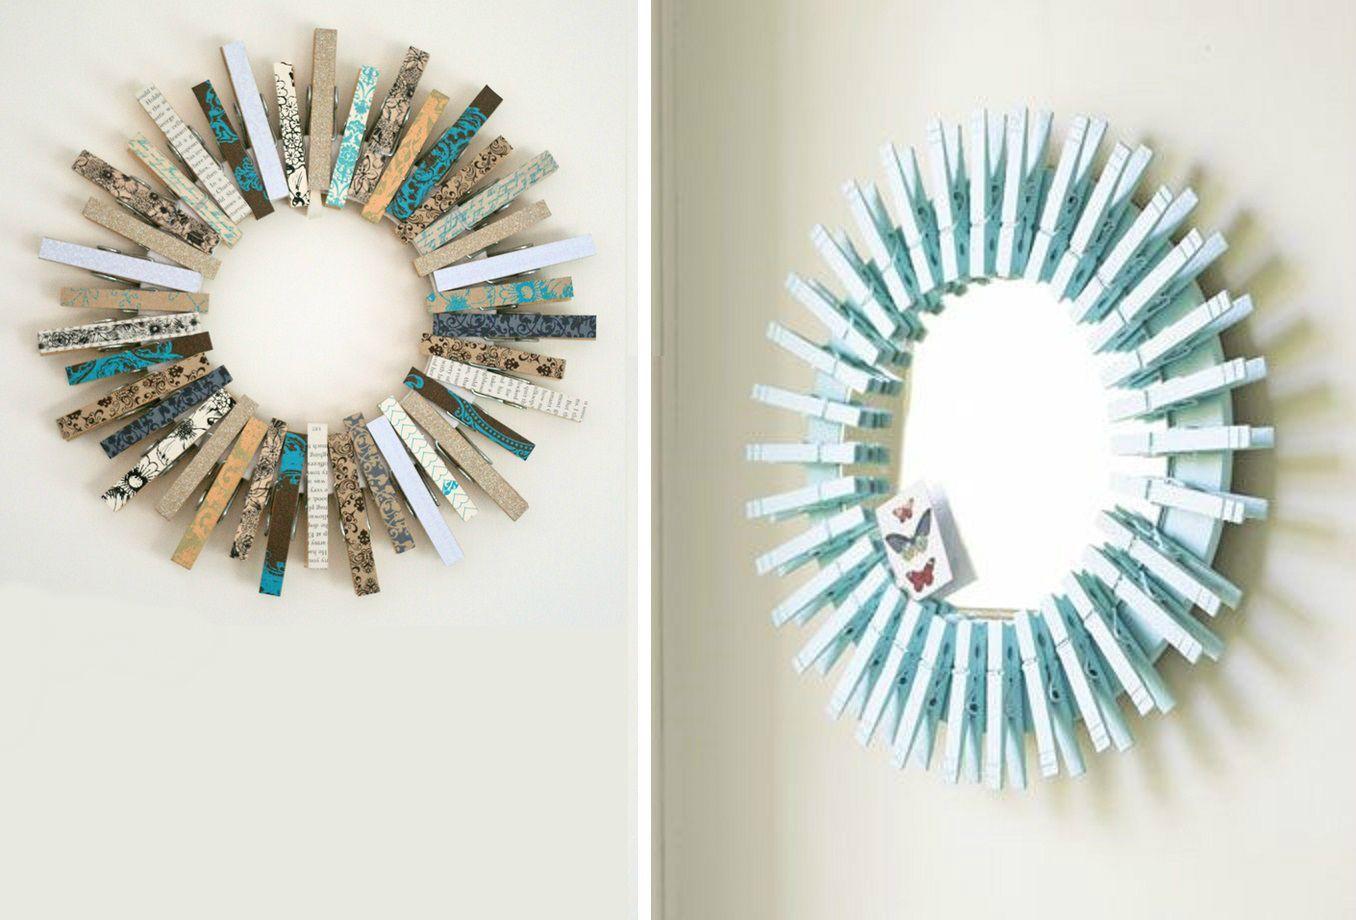 Idee creative per realizzare le cornici da foto bigodino - Decorazioni cornici fai da te ...